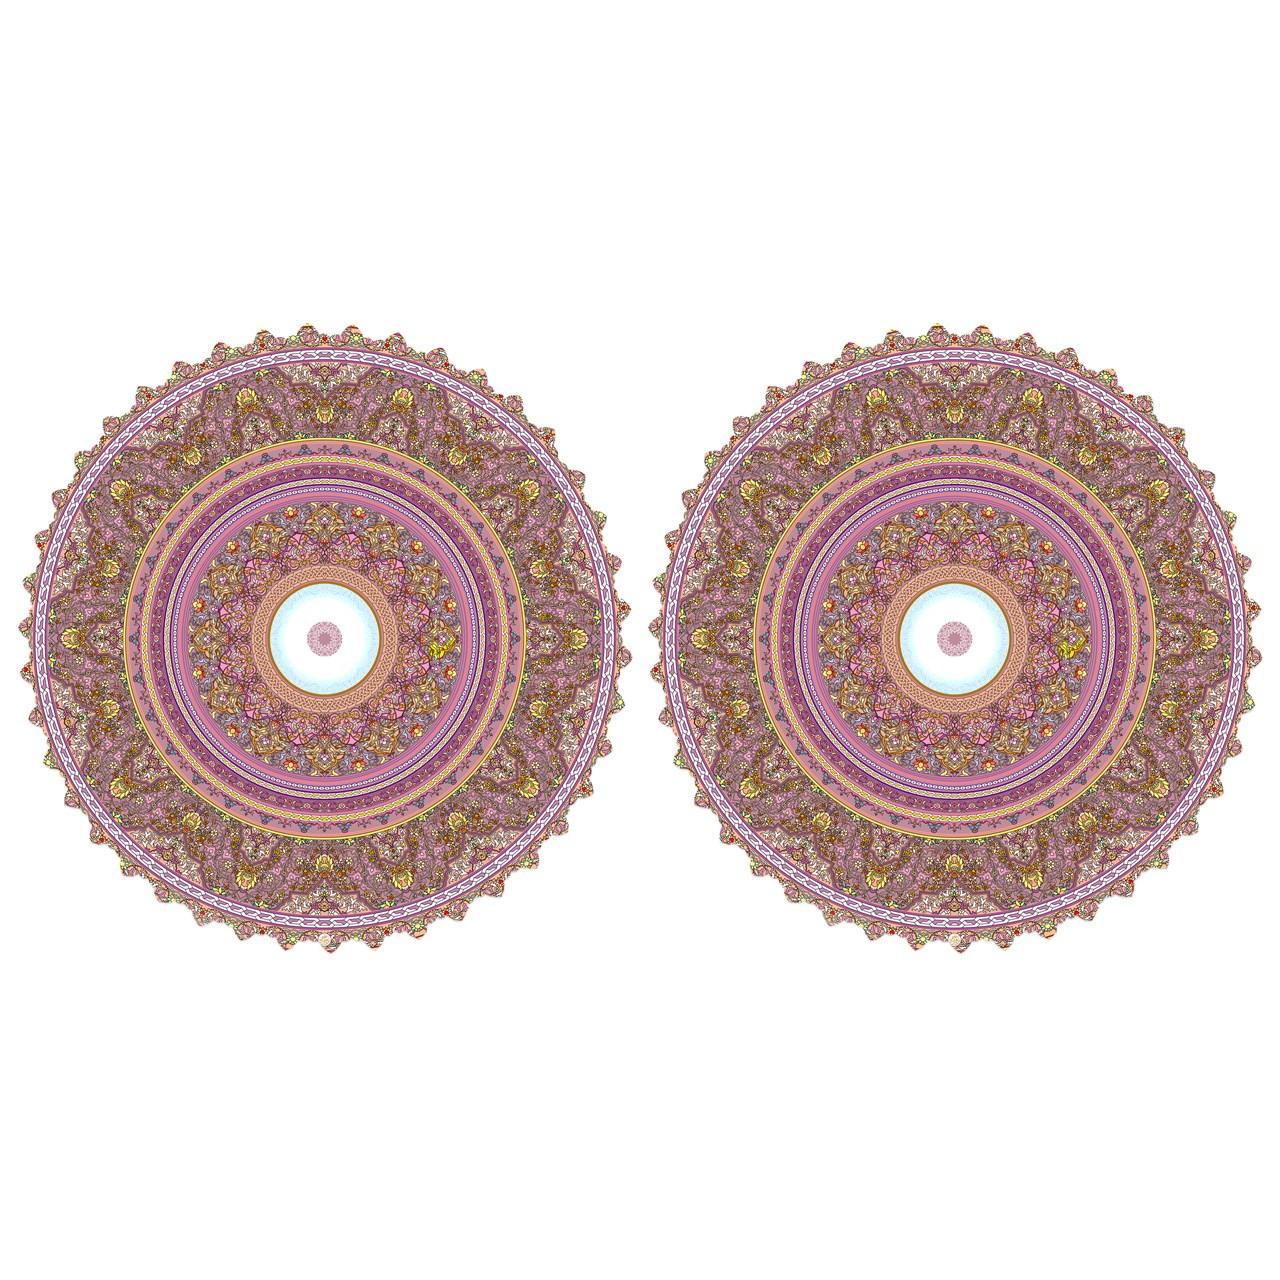 عکس رومیزی رنگارشاپ مدل TB42-SHA008 بسته 2 عددی